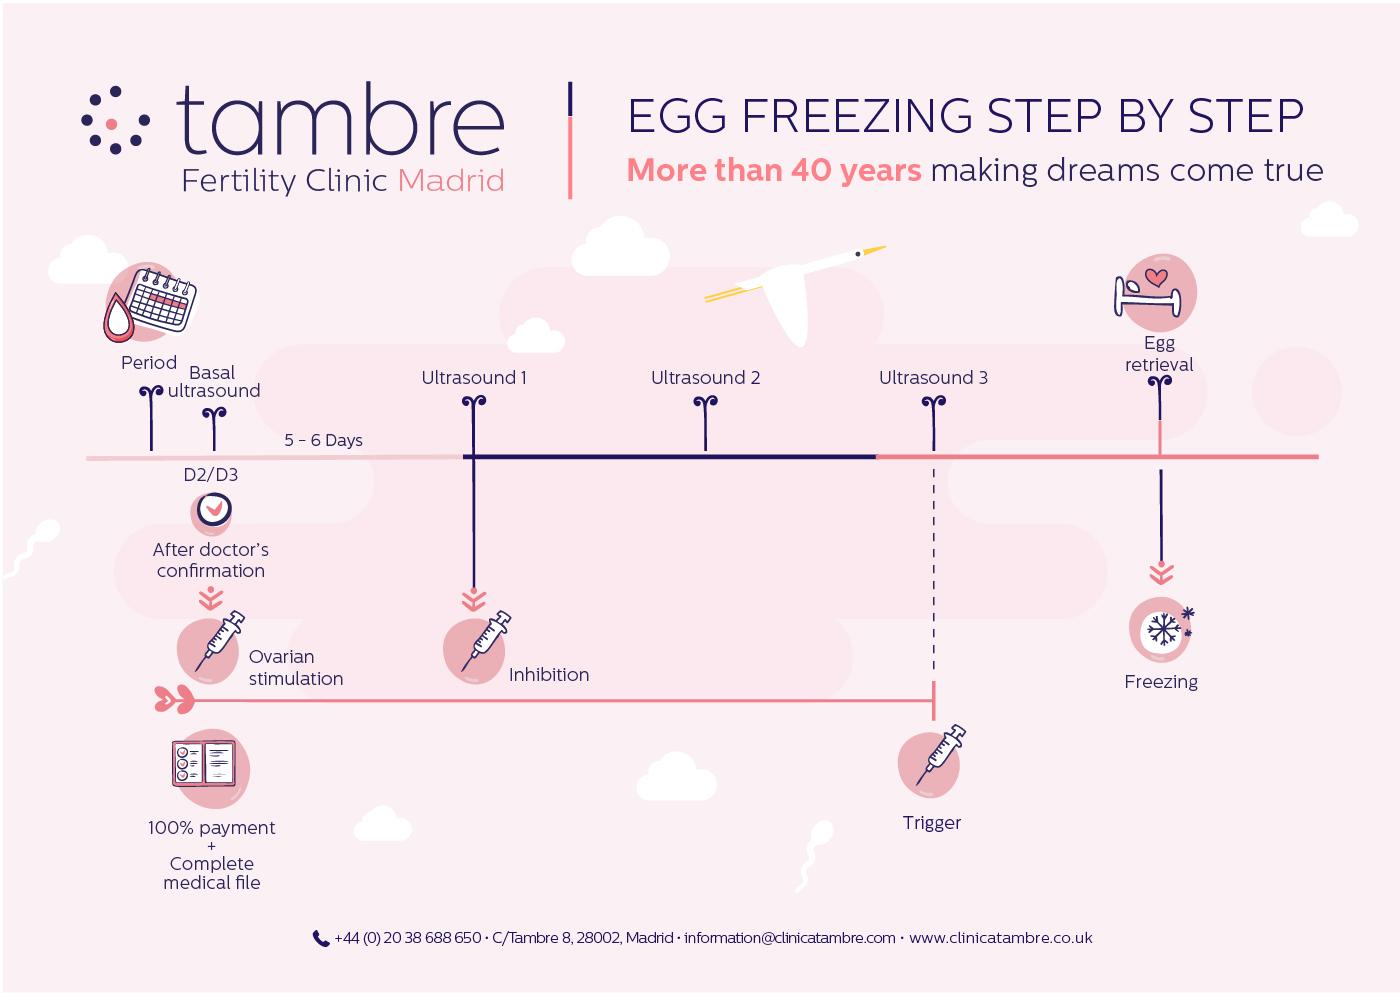 egg freezing